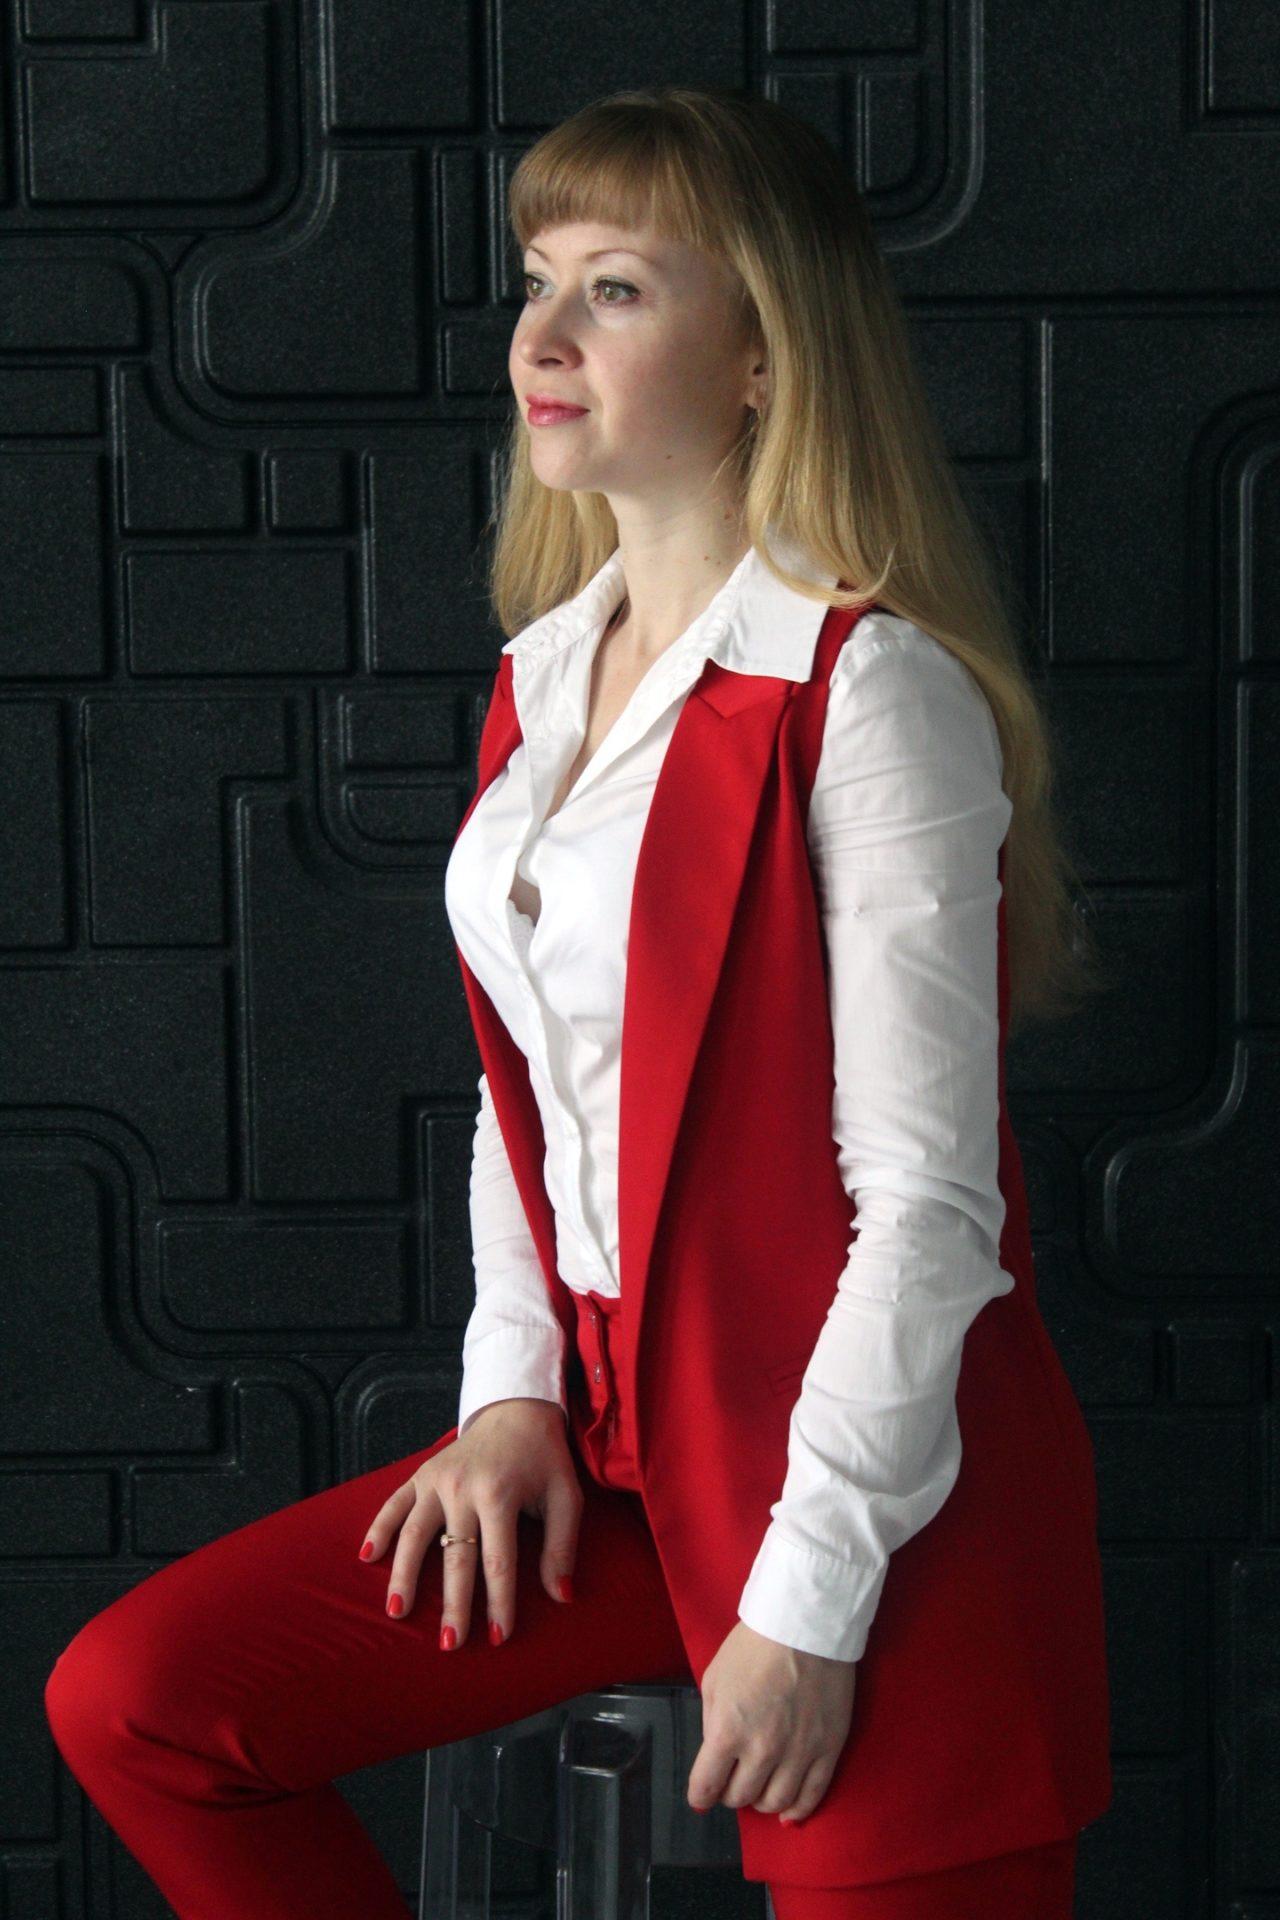 Как Ирина Палунина, сидя в декрете, за год увеличила свой доход с 15 тысяч до 150 тысяч рублей